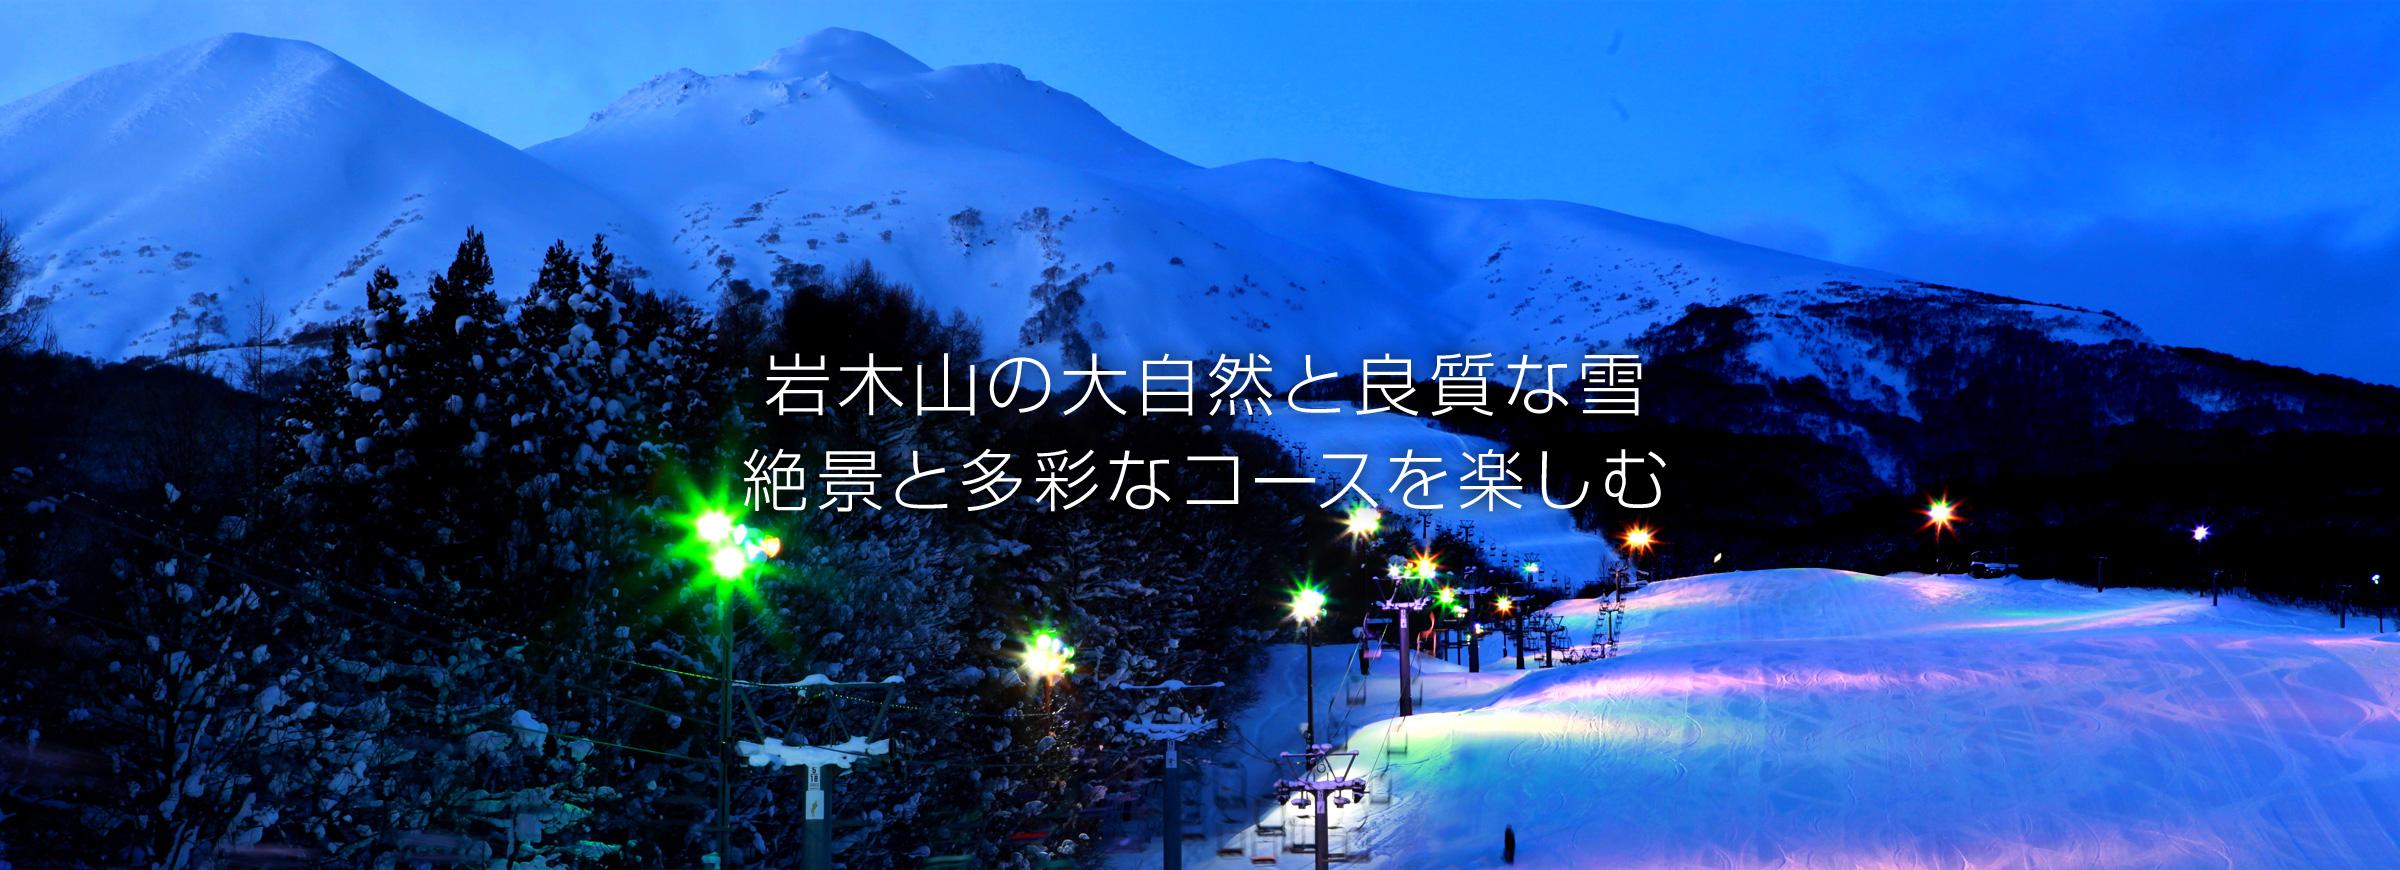 天然の雪に恵まれ、スキー、スノーボードなど、様々なウィンタースポーツが楽しめる百沢スキー場